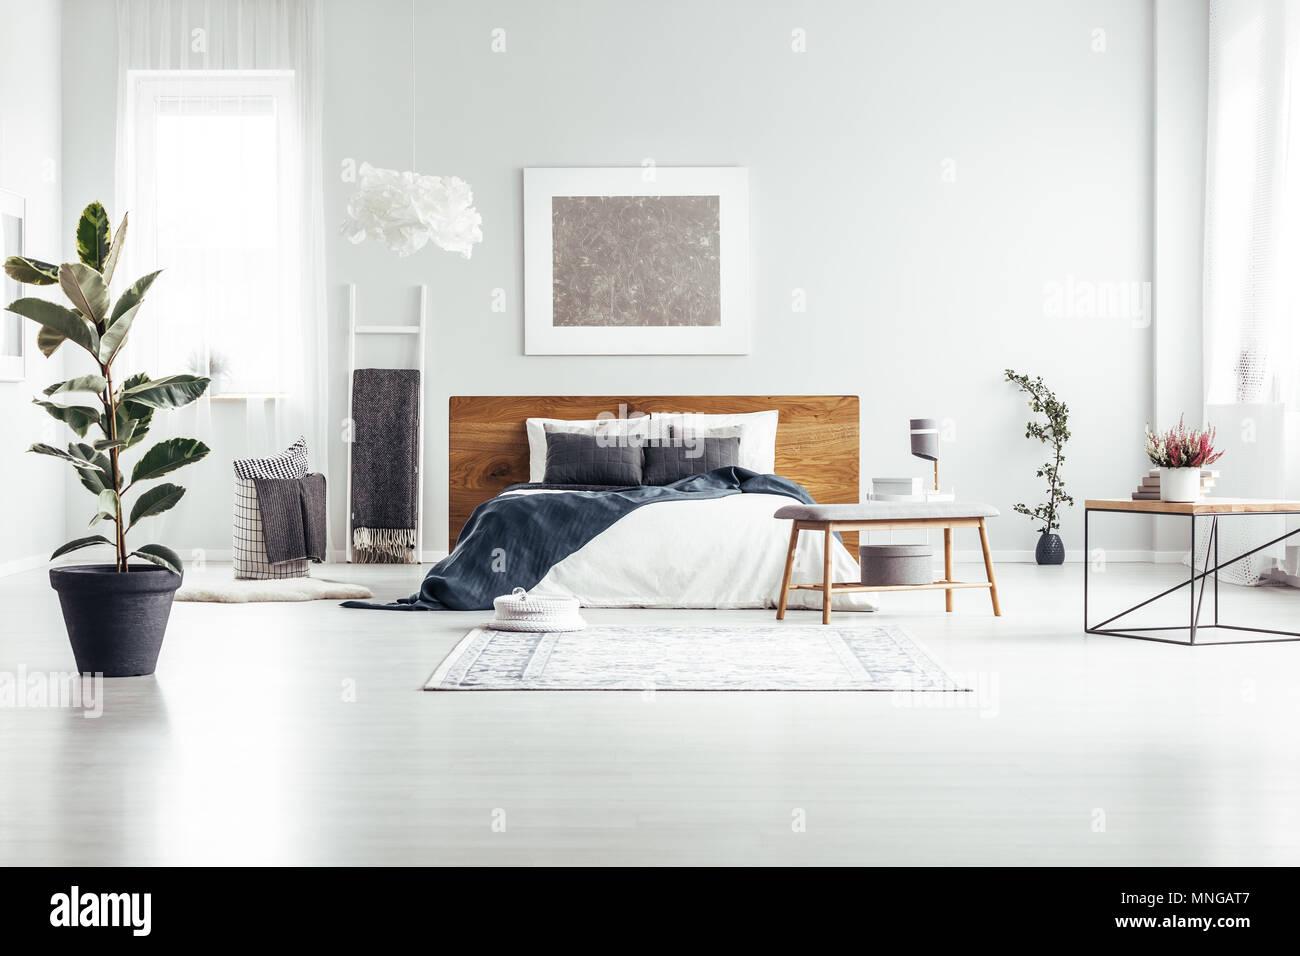 Parete Camera Da Letto Argento : Impianto in pot nero in una spaziosa camera da letto bianco